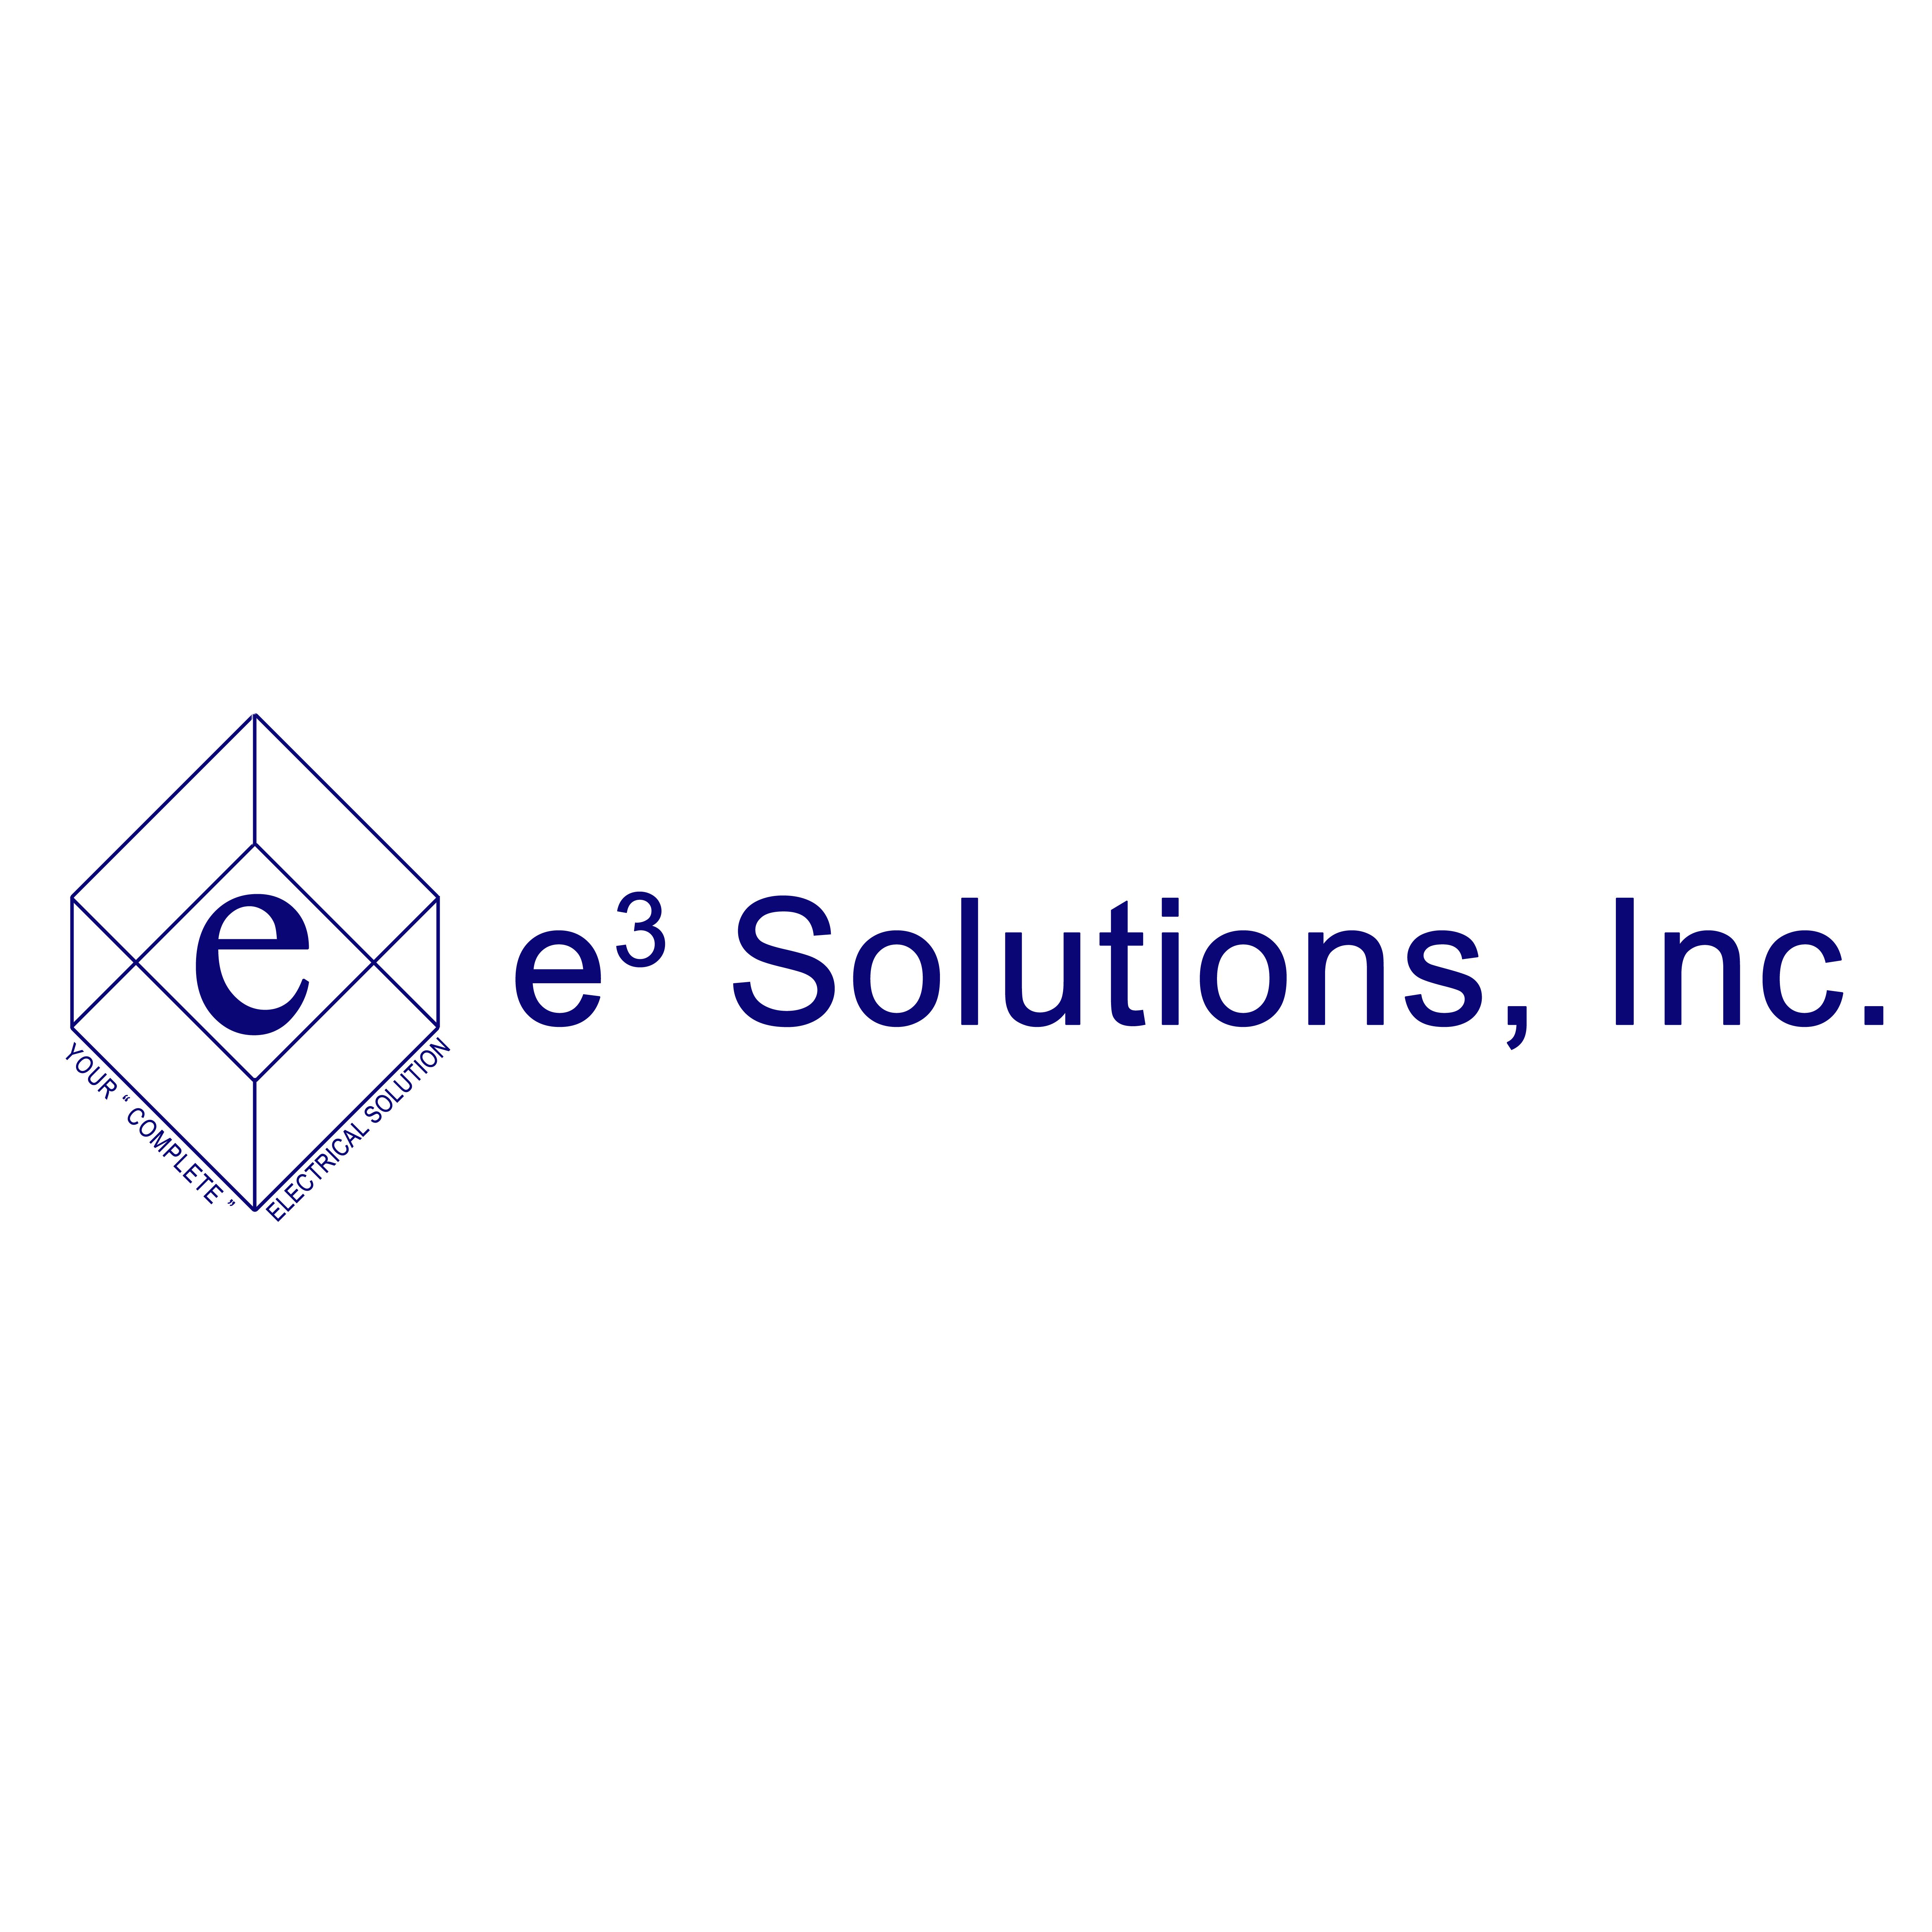 e3 Solutions, Inc.